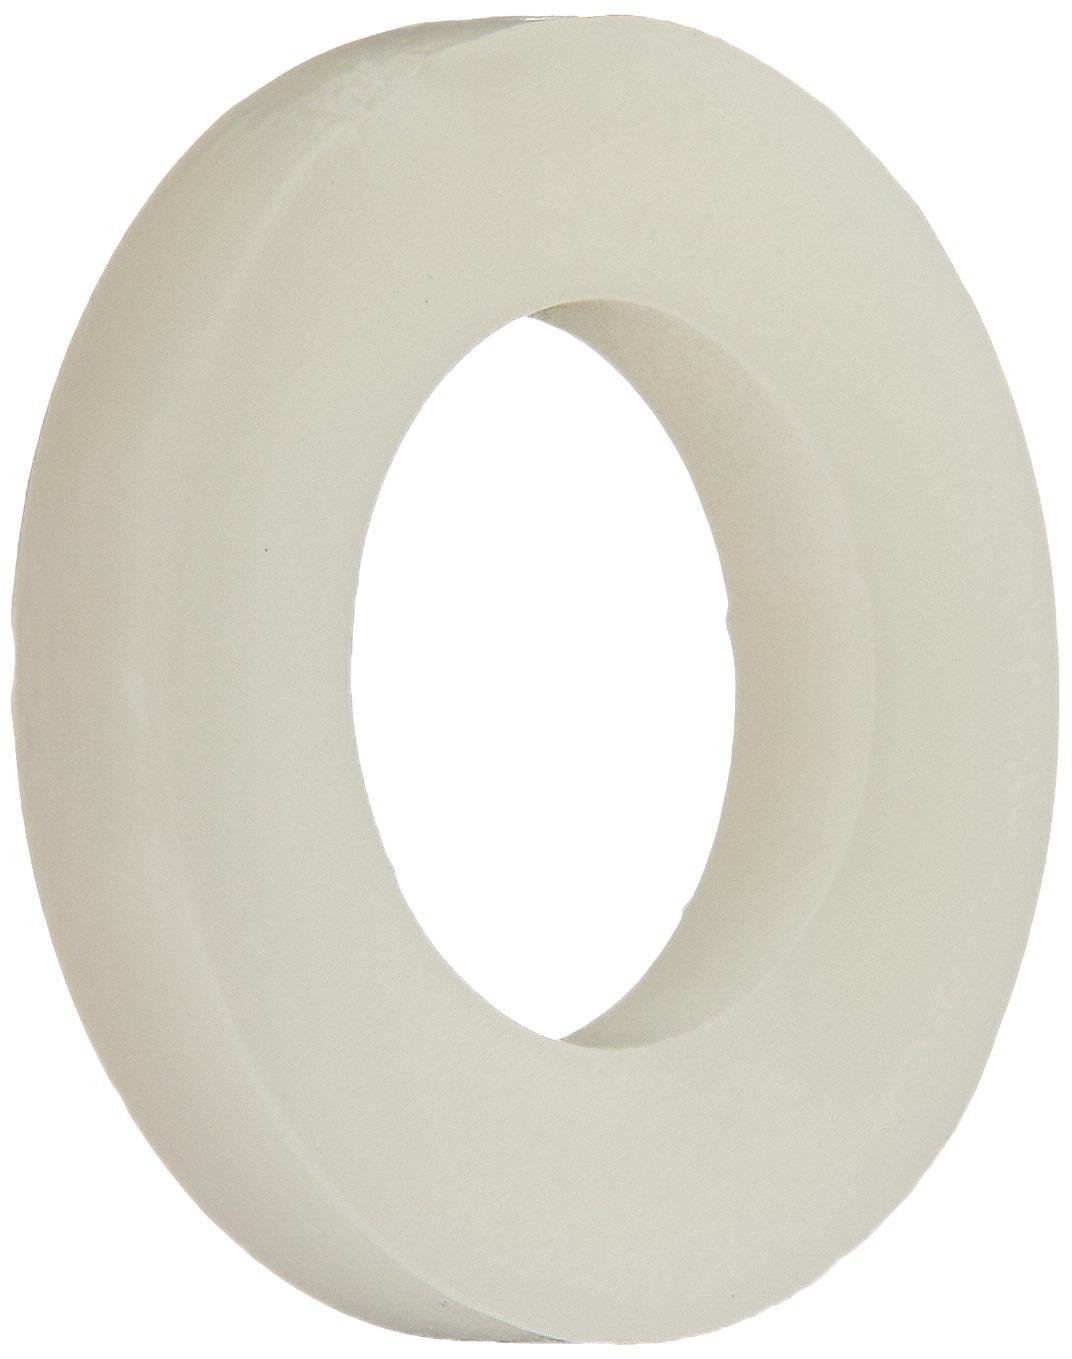 Electrolux 5308000186 Washer Door Hinge